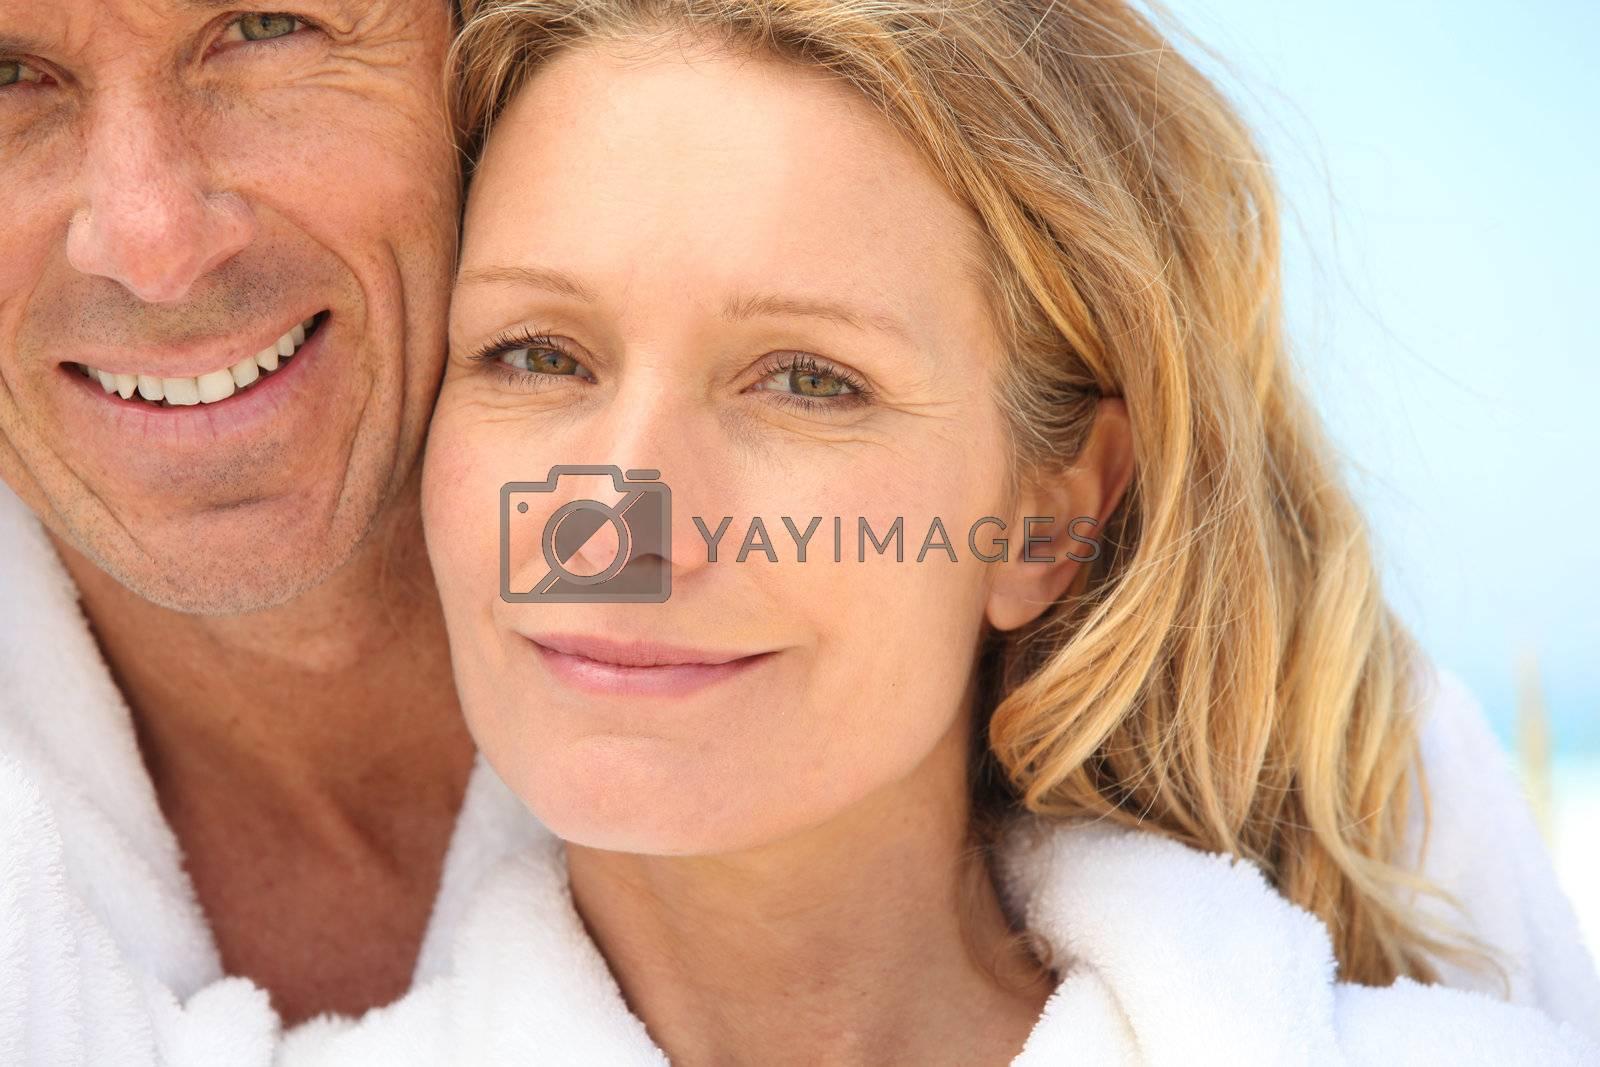 Couple wearing bath robes stood outside